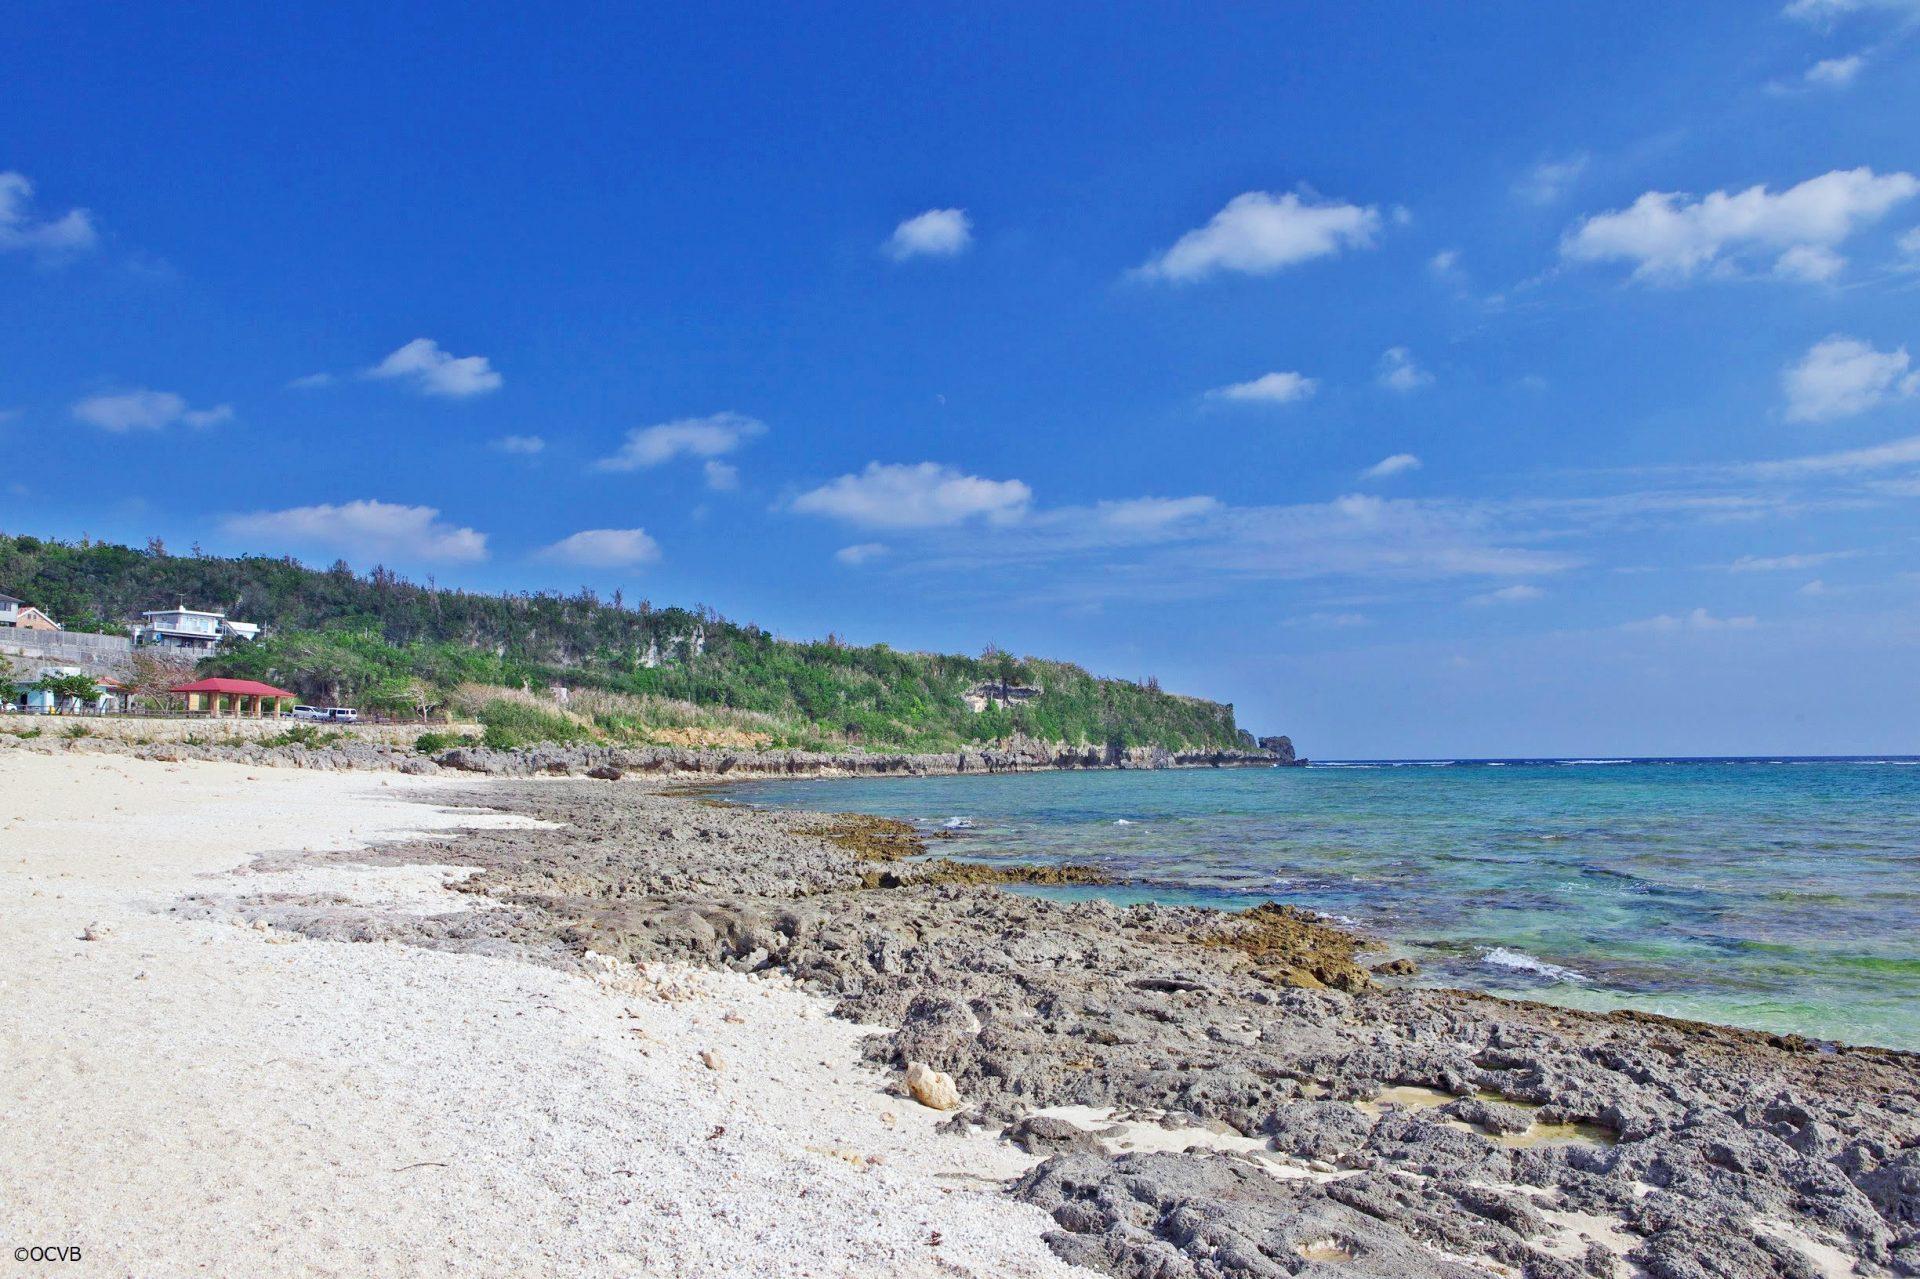 沖縄南部「大度海岸(ジョン万ビーチ)」